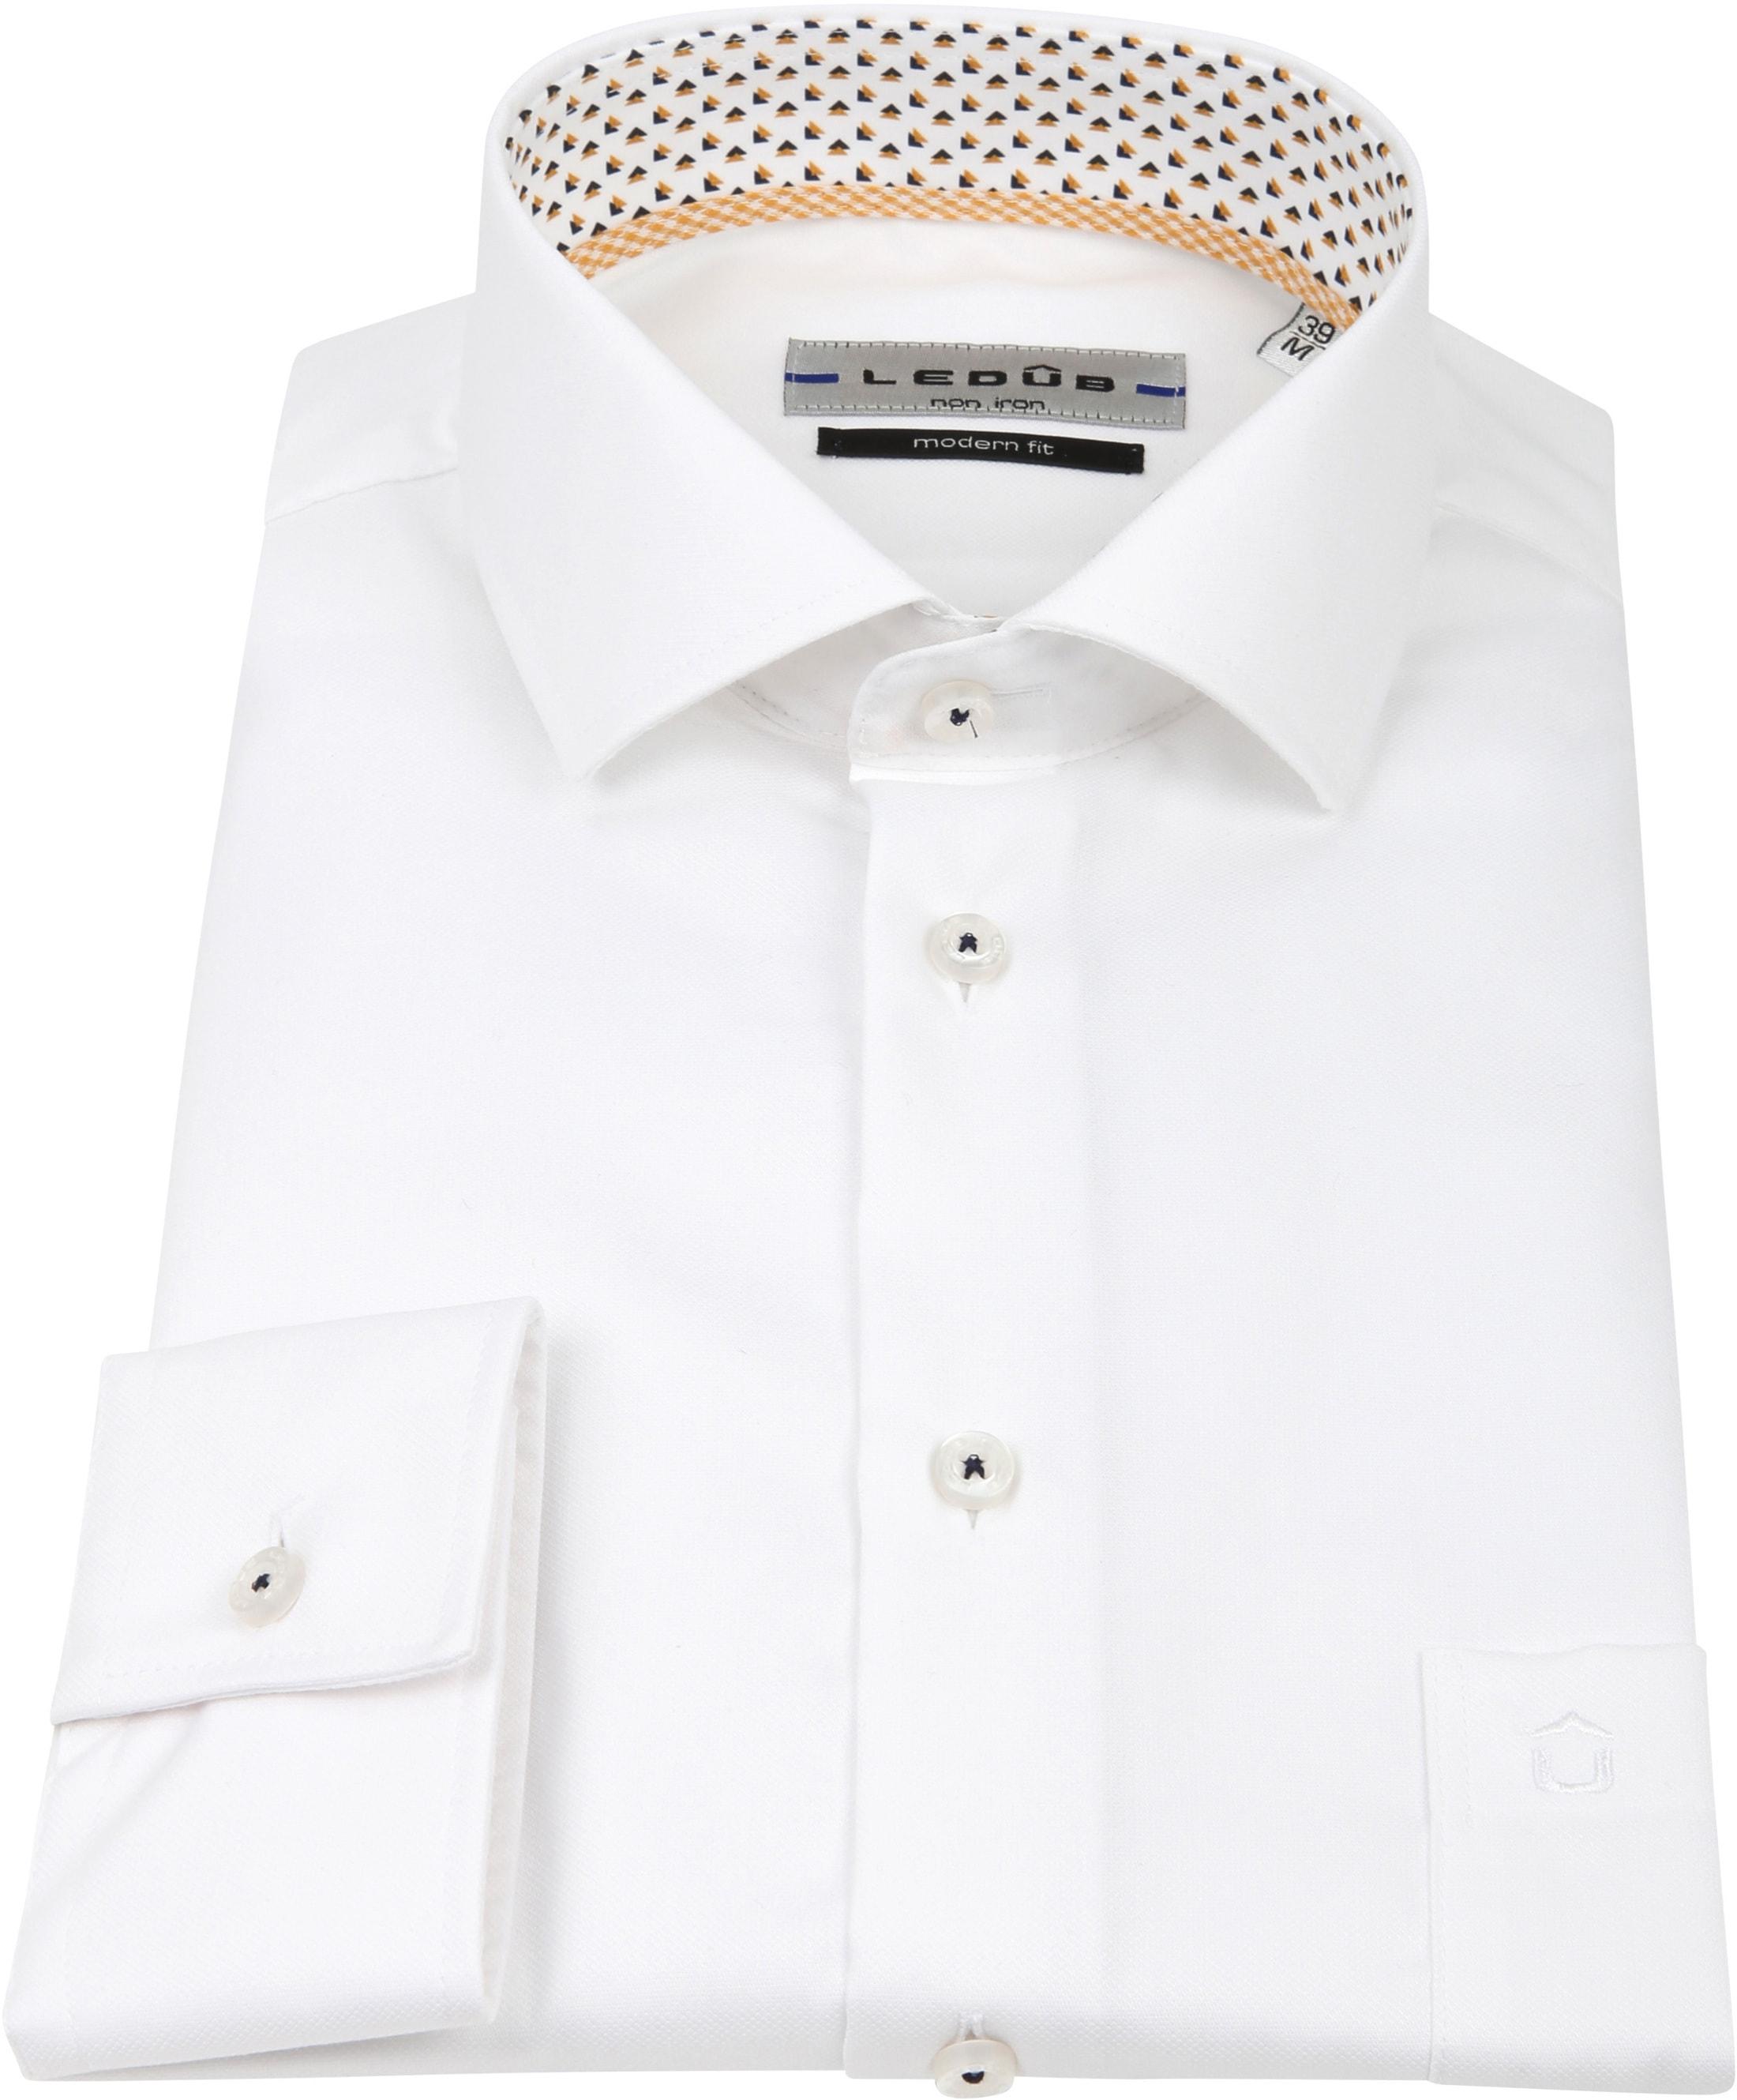 Ledub Overhemd MF Non Iron Wit foto 2